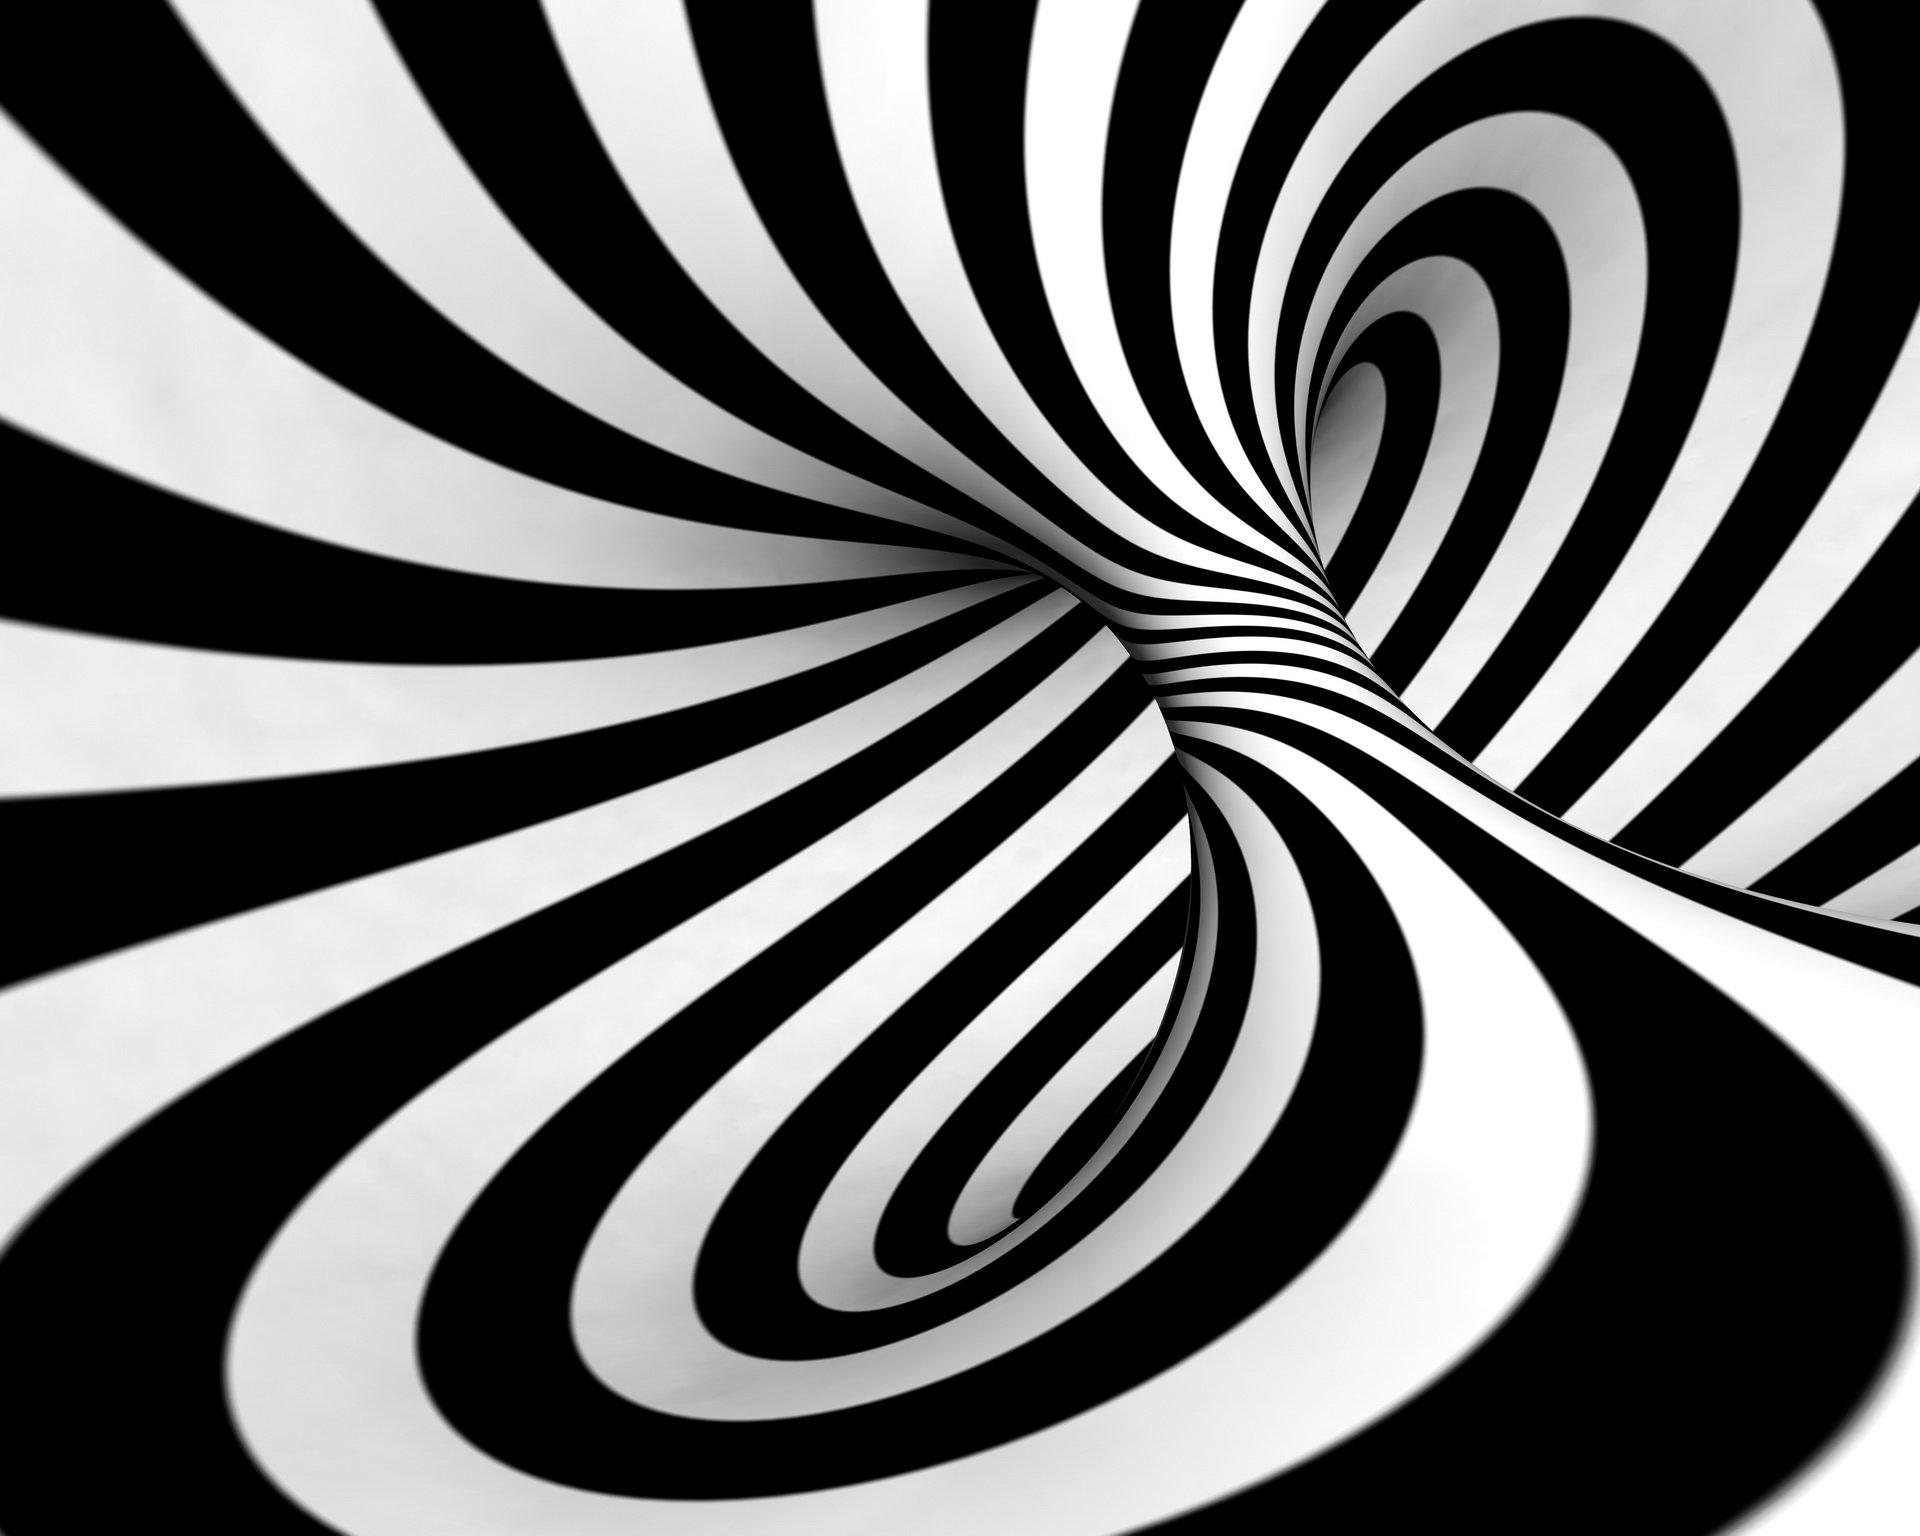 Abstracto rayas blanco negro wallpaper 1920x1536 - Papel de pared blanco y negro ...